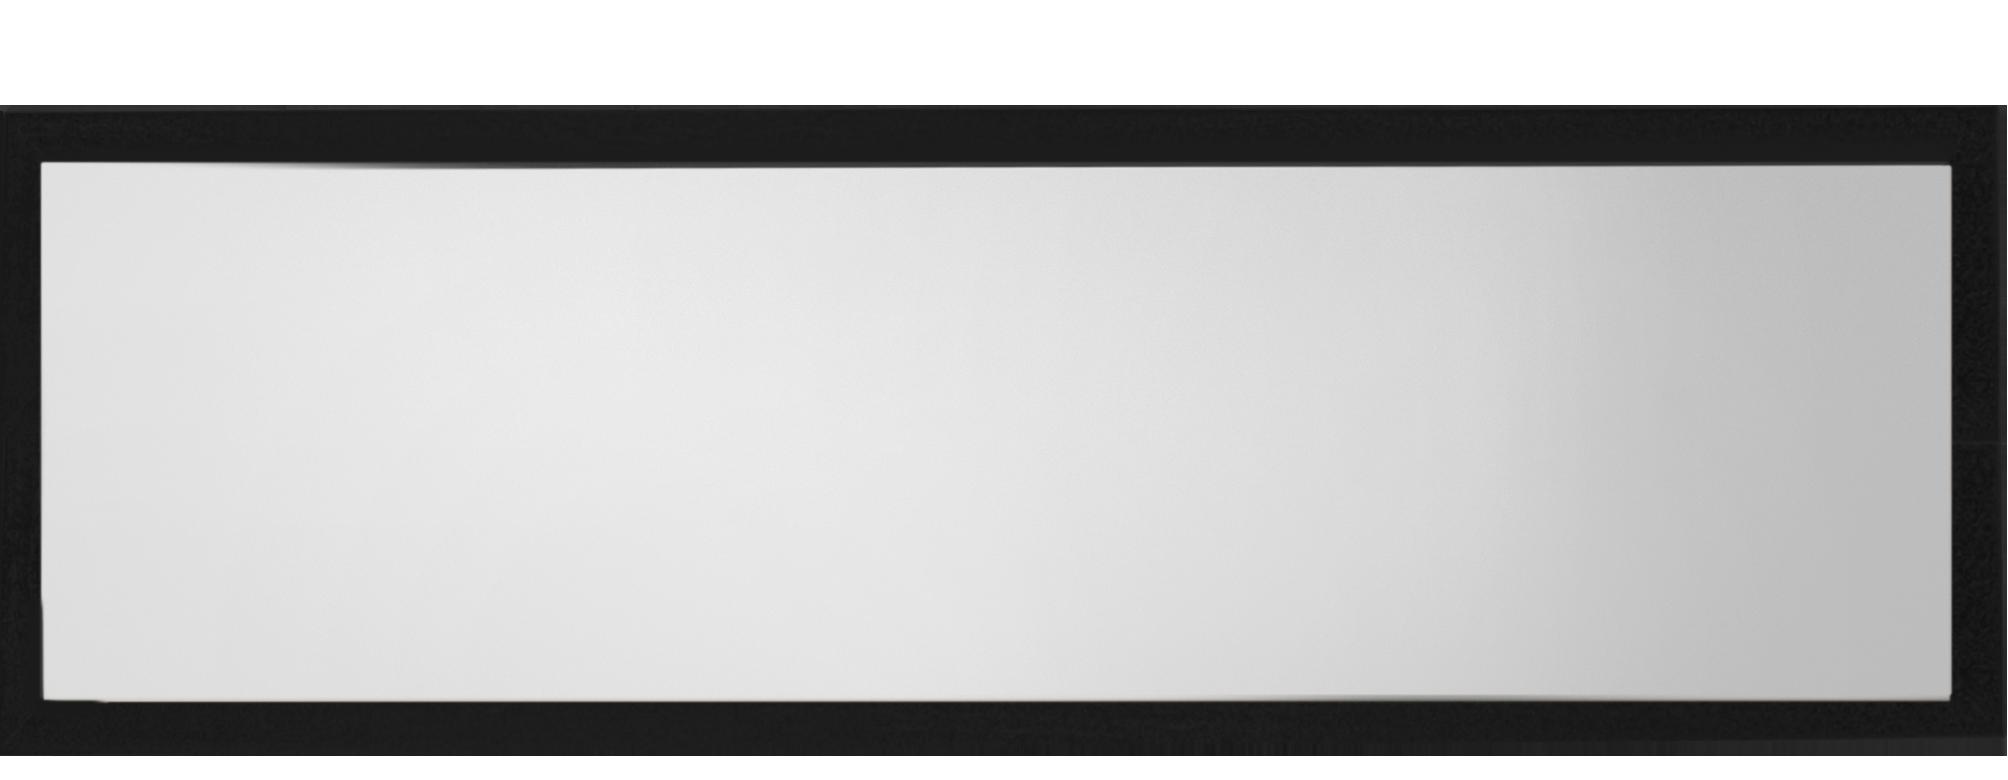 Светильник встраиваемый SQUARE BS555/B1250x250